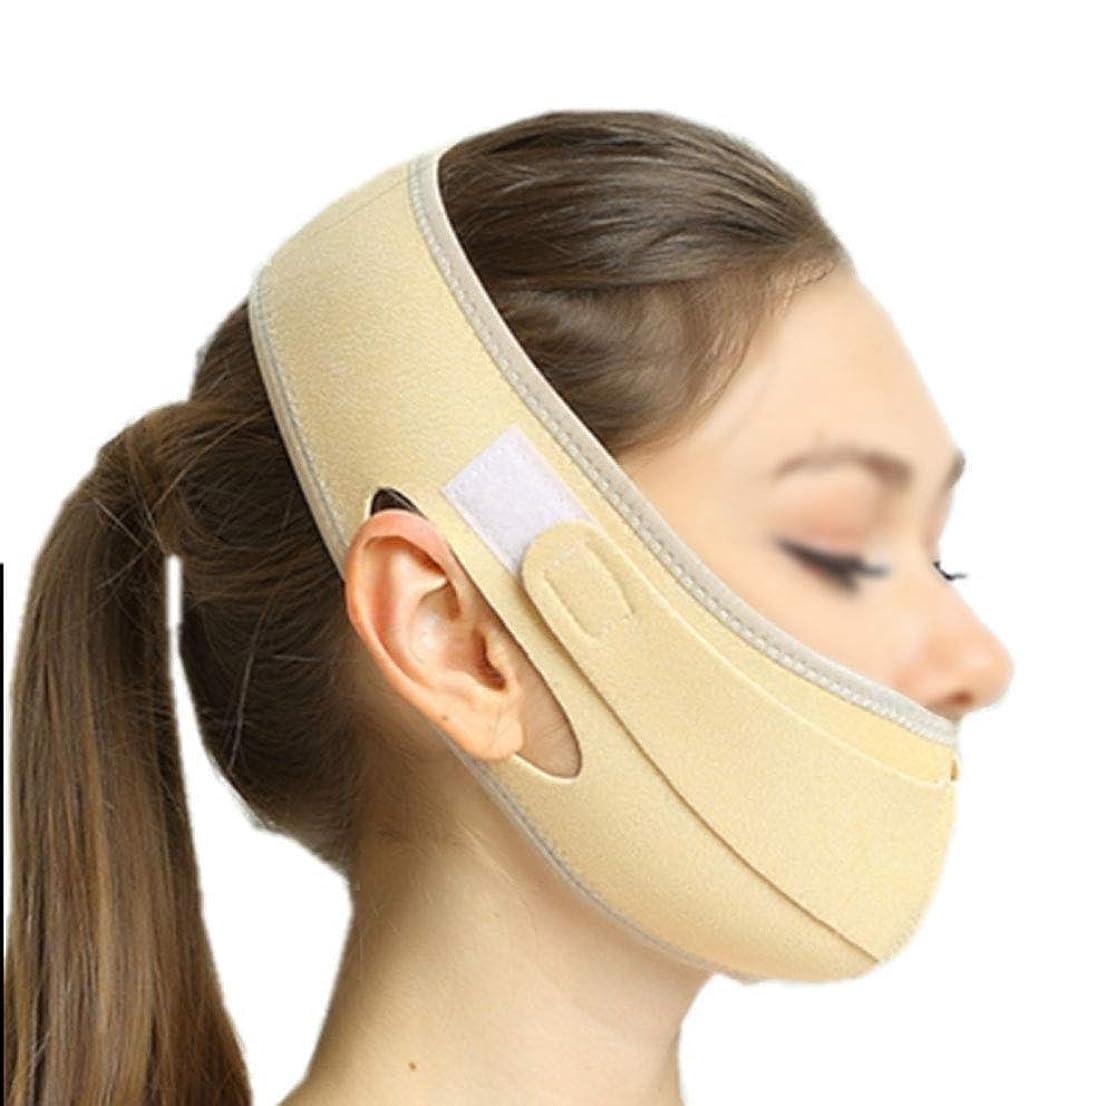 過敏な眼本物のフェイスリフトマスク、コスメティックリカバリーマスク、薄いダブルチンリフティングスキンで小さなVフェイスバンデージを作成